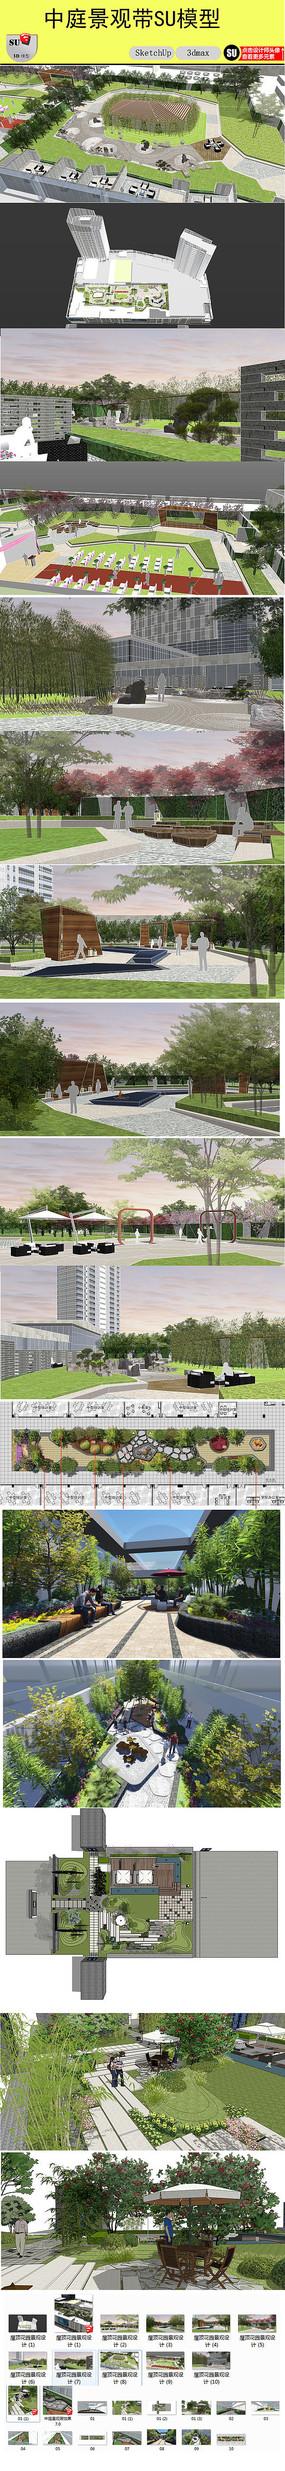 屋顶花园景观设计